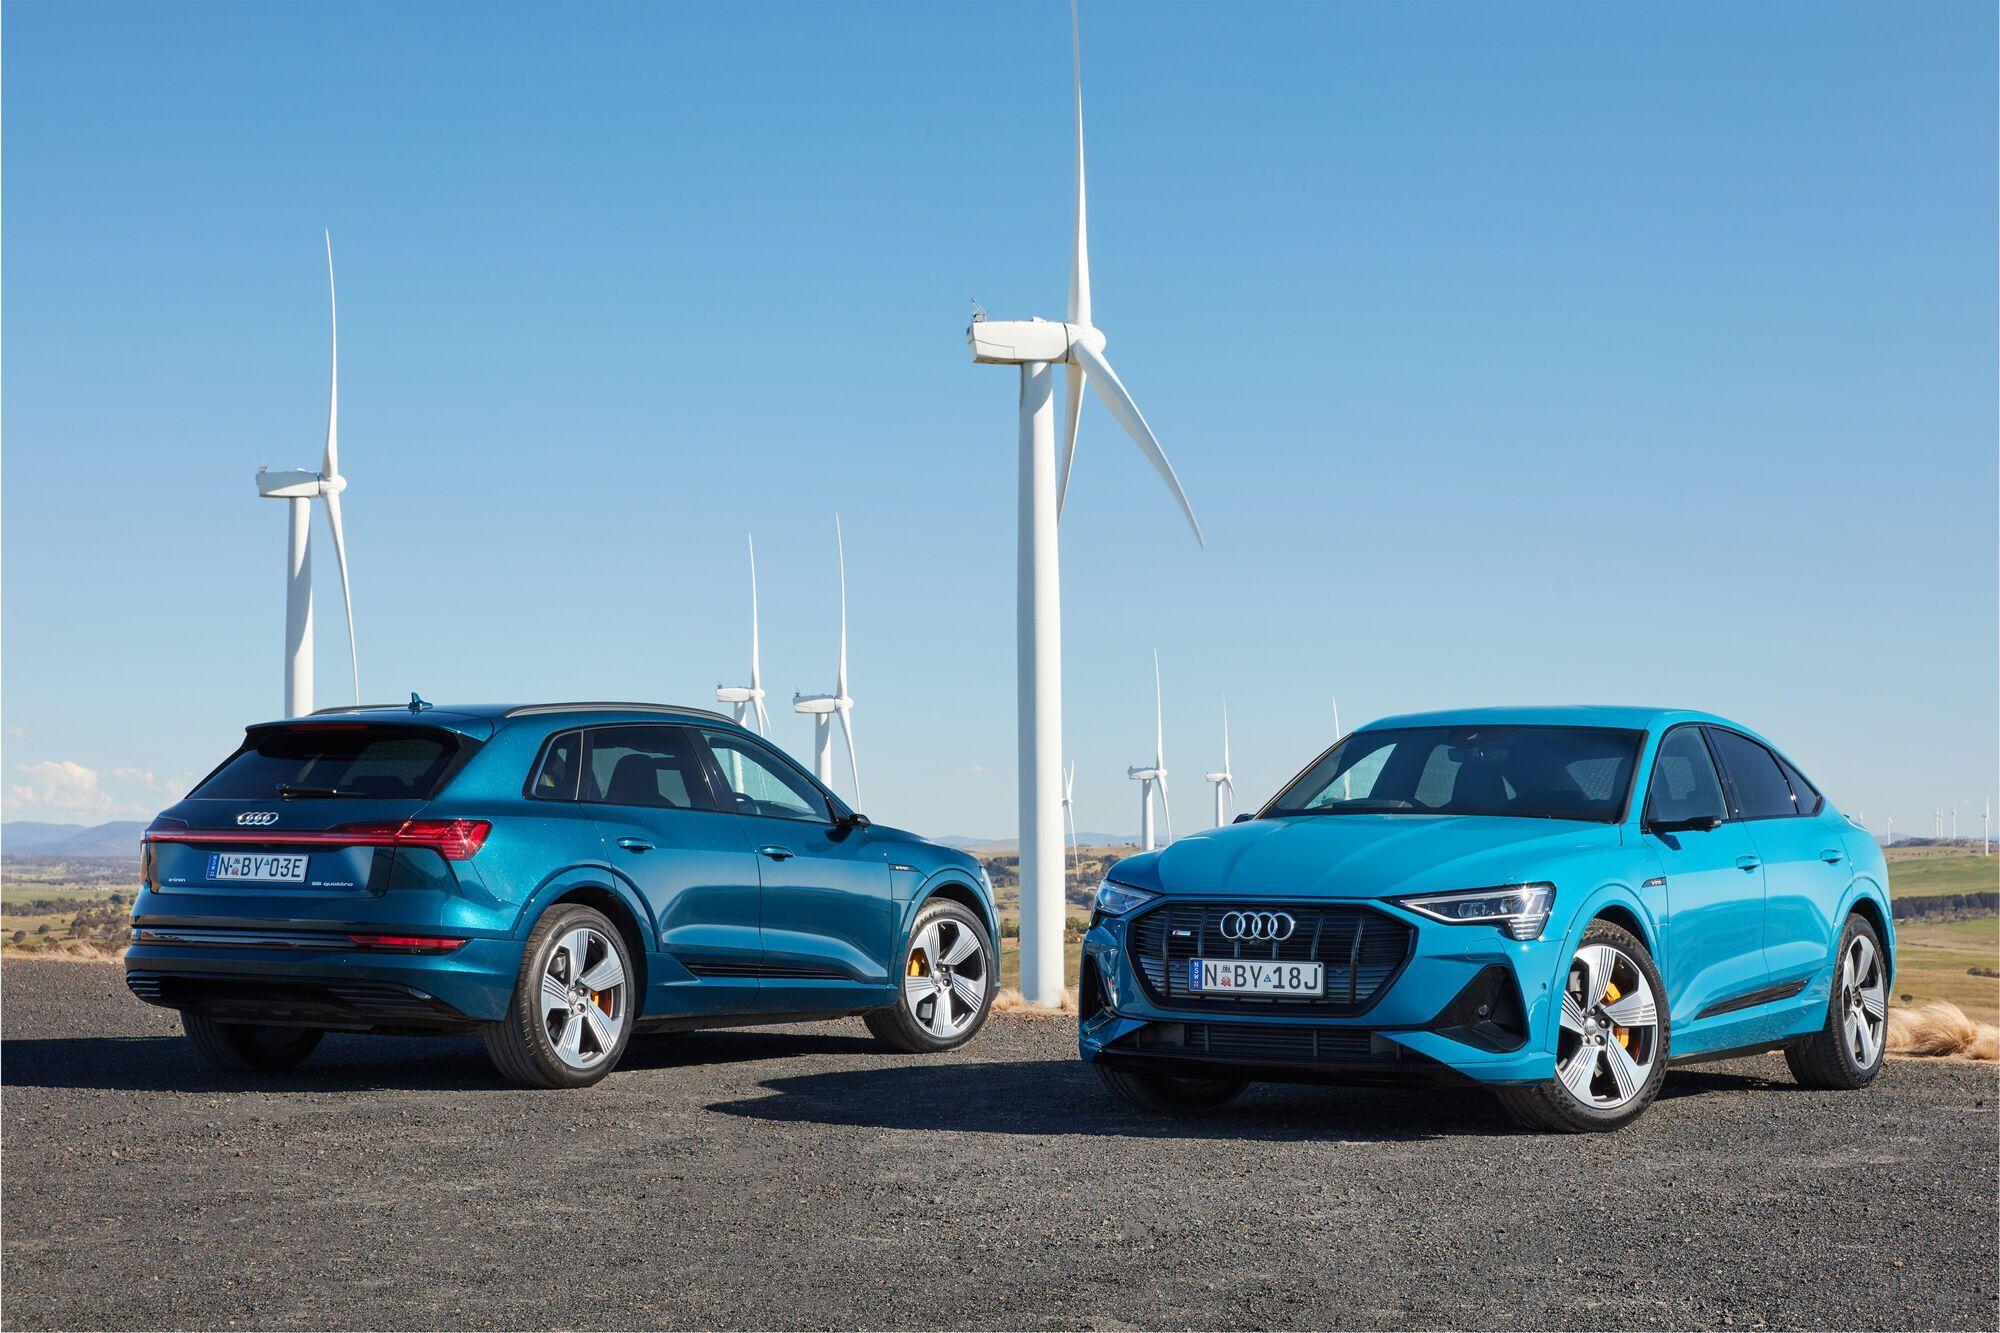 Audi e-tron став найбільш продаваним електромобілем у Норвегії, обігнавши Tesla Model 3 і VW ID.3